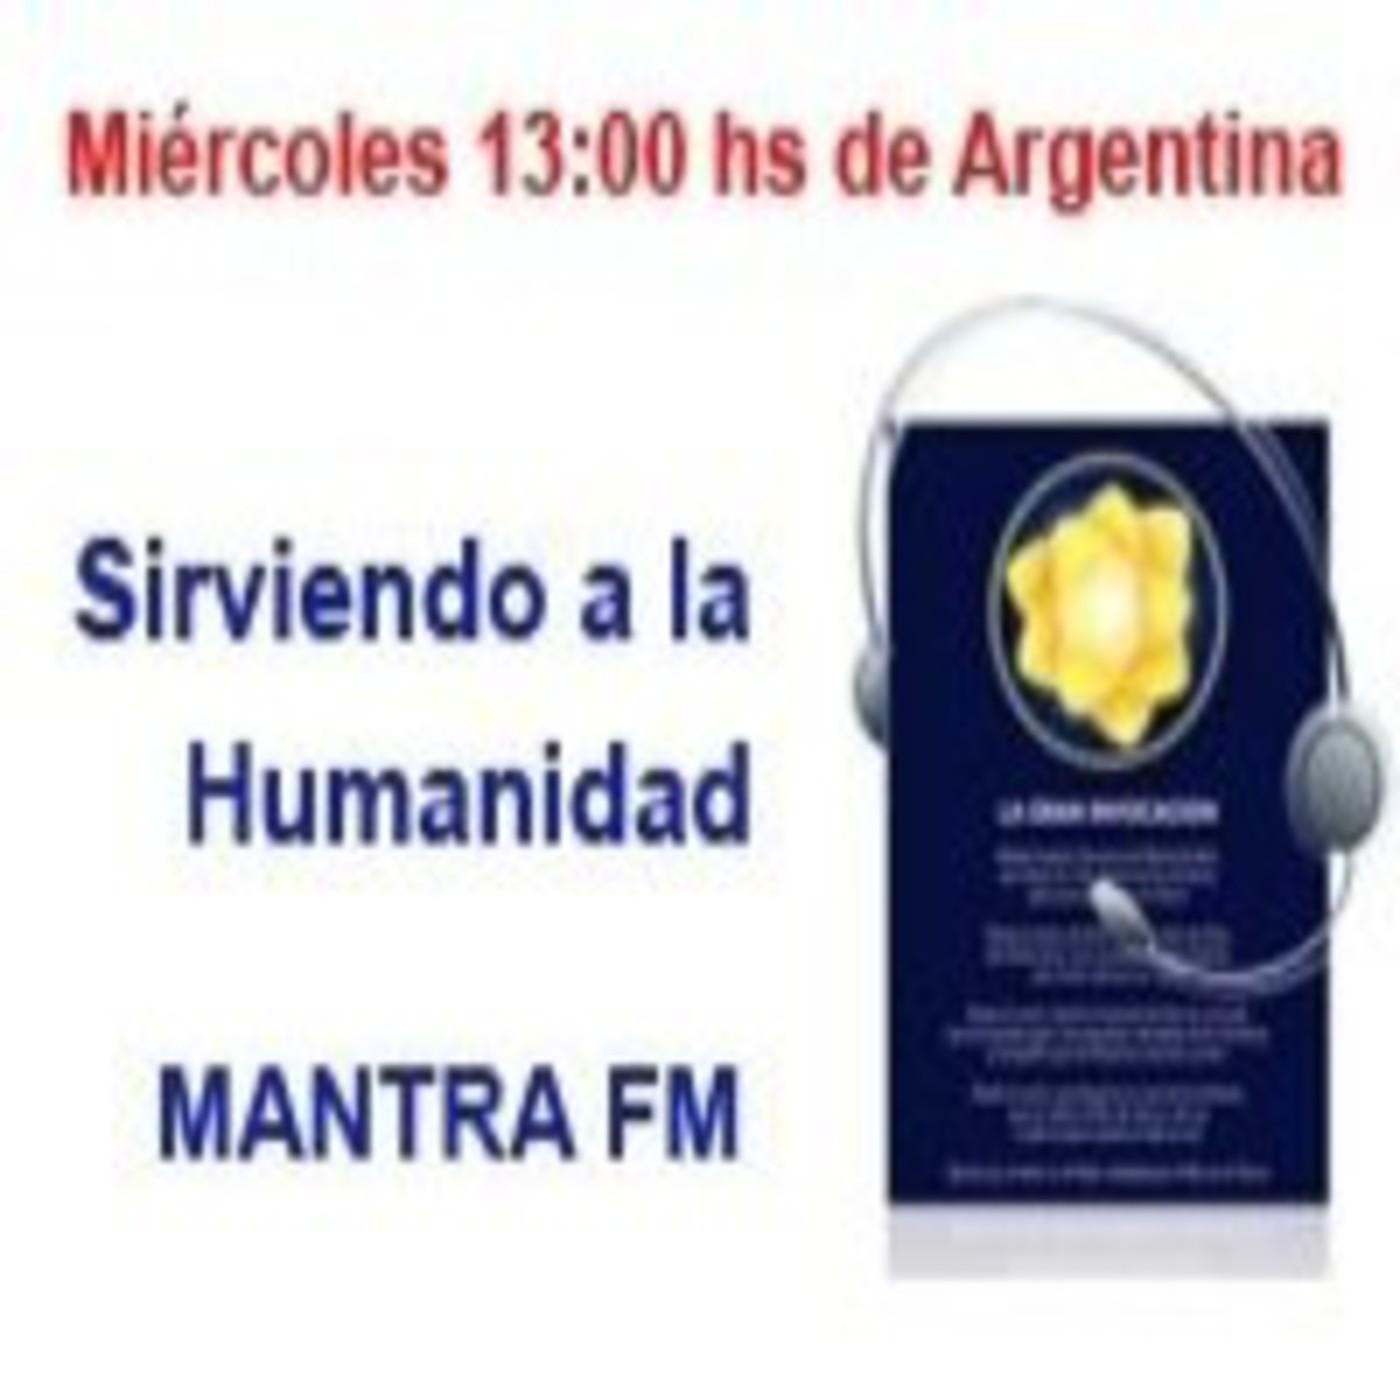 Programa Sirviendo a la Humanidad 01-12-2010